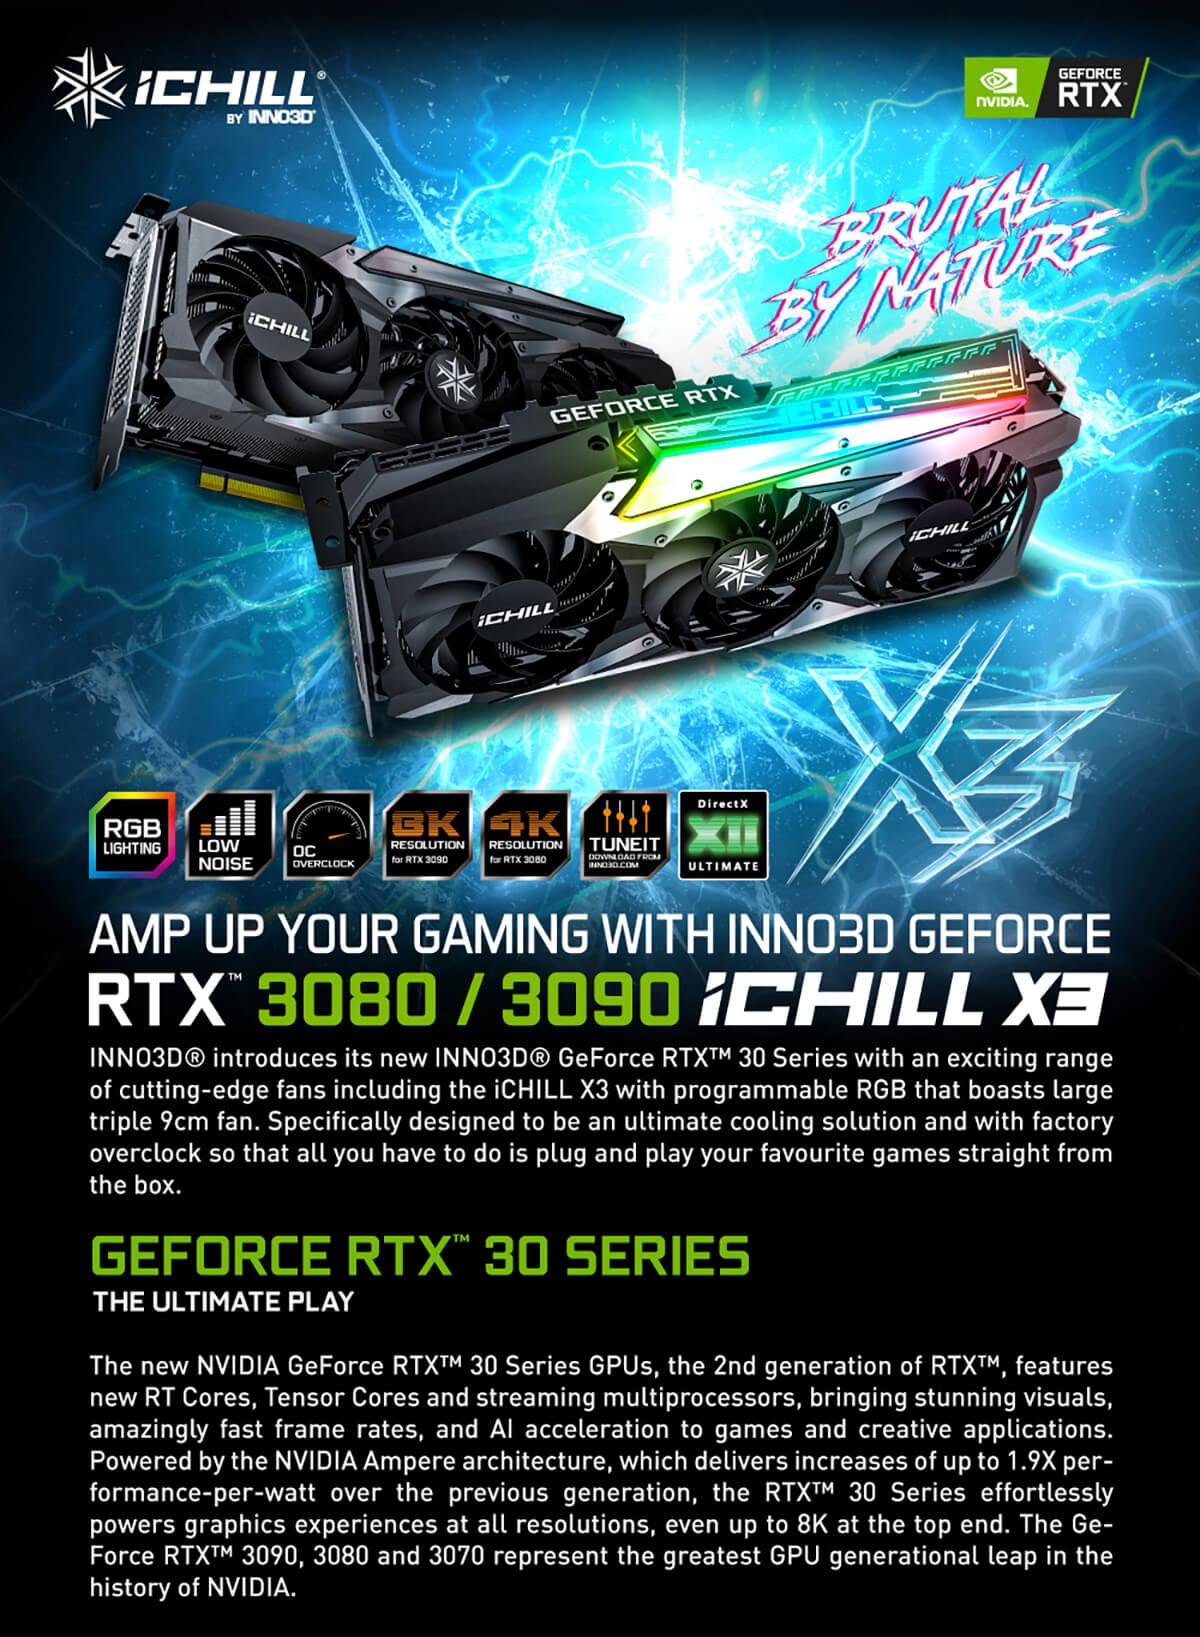 Inno3d Geforce Rtx 3080 Ichill X3 10gb Gddr6x Features